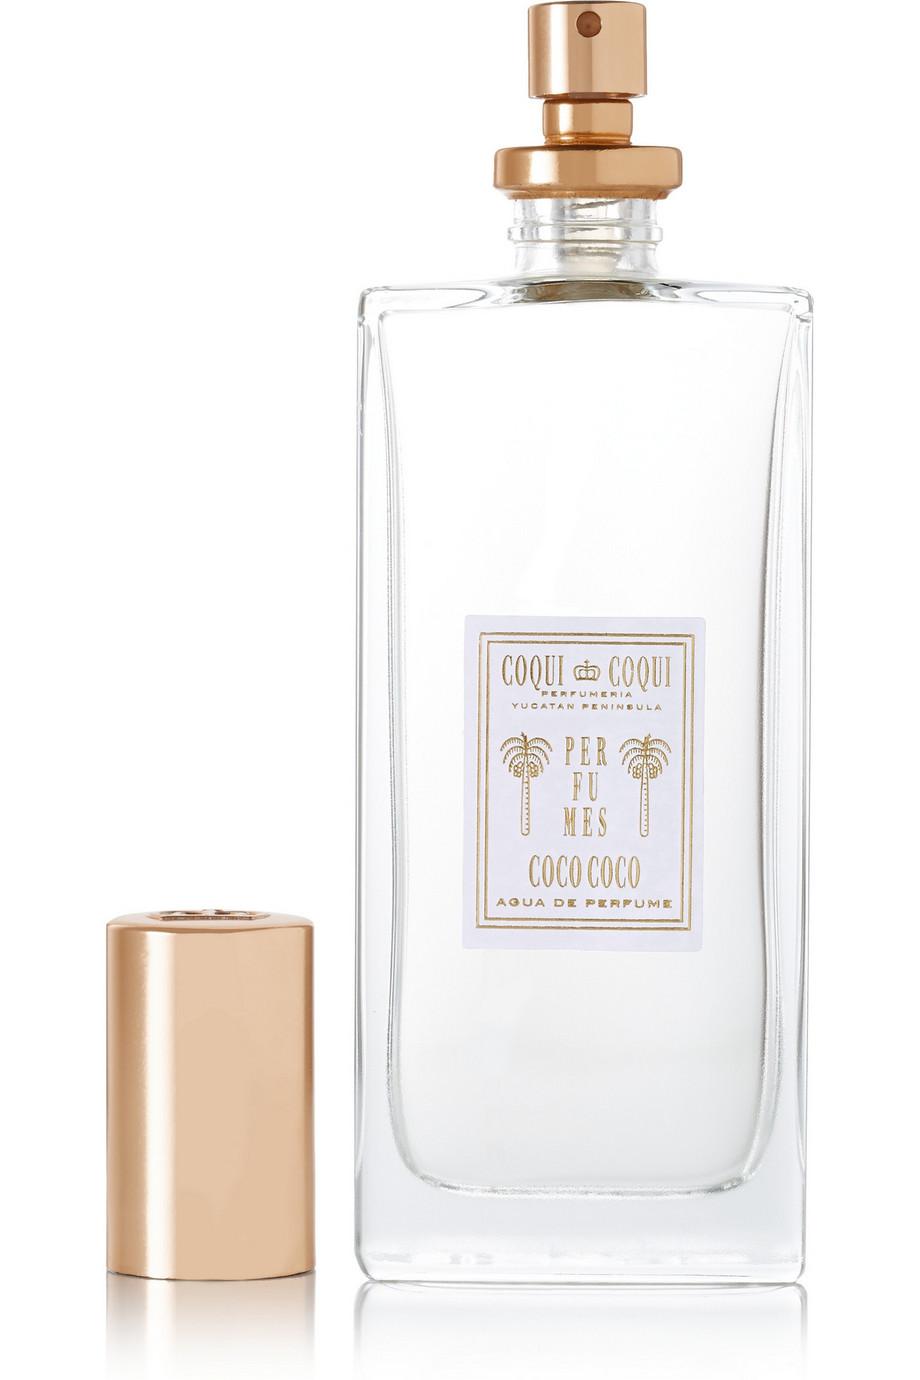 Coqui Coqui Coco Coco, 100 ml – Eau de Parfum